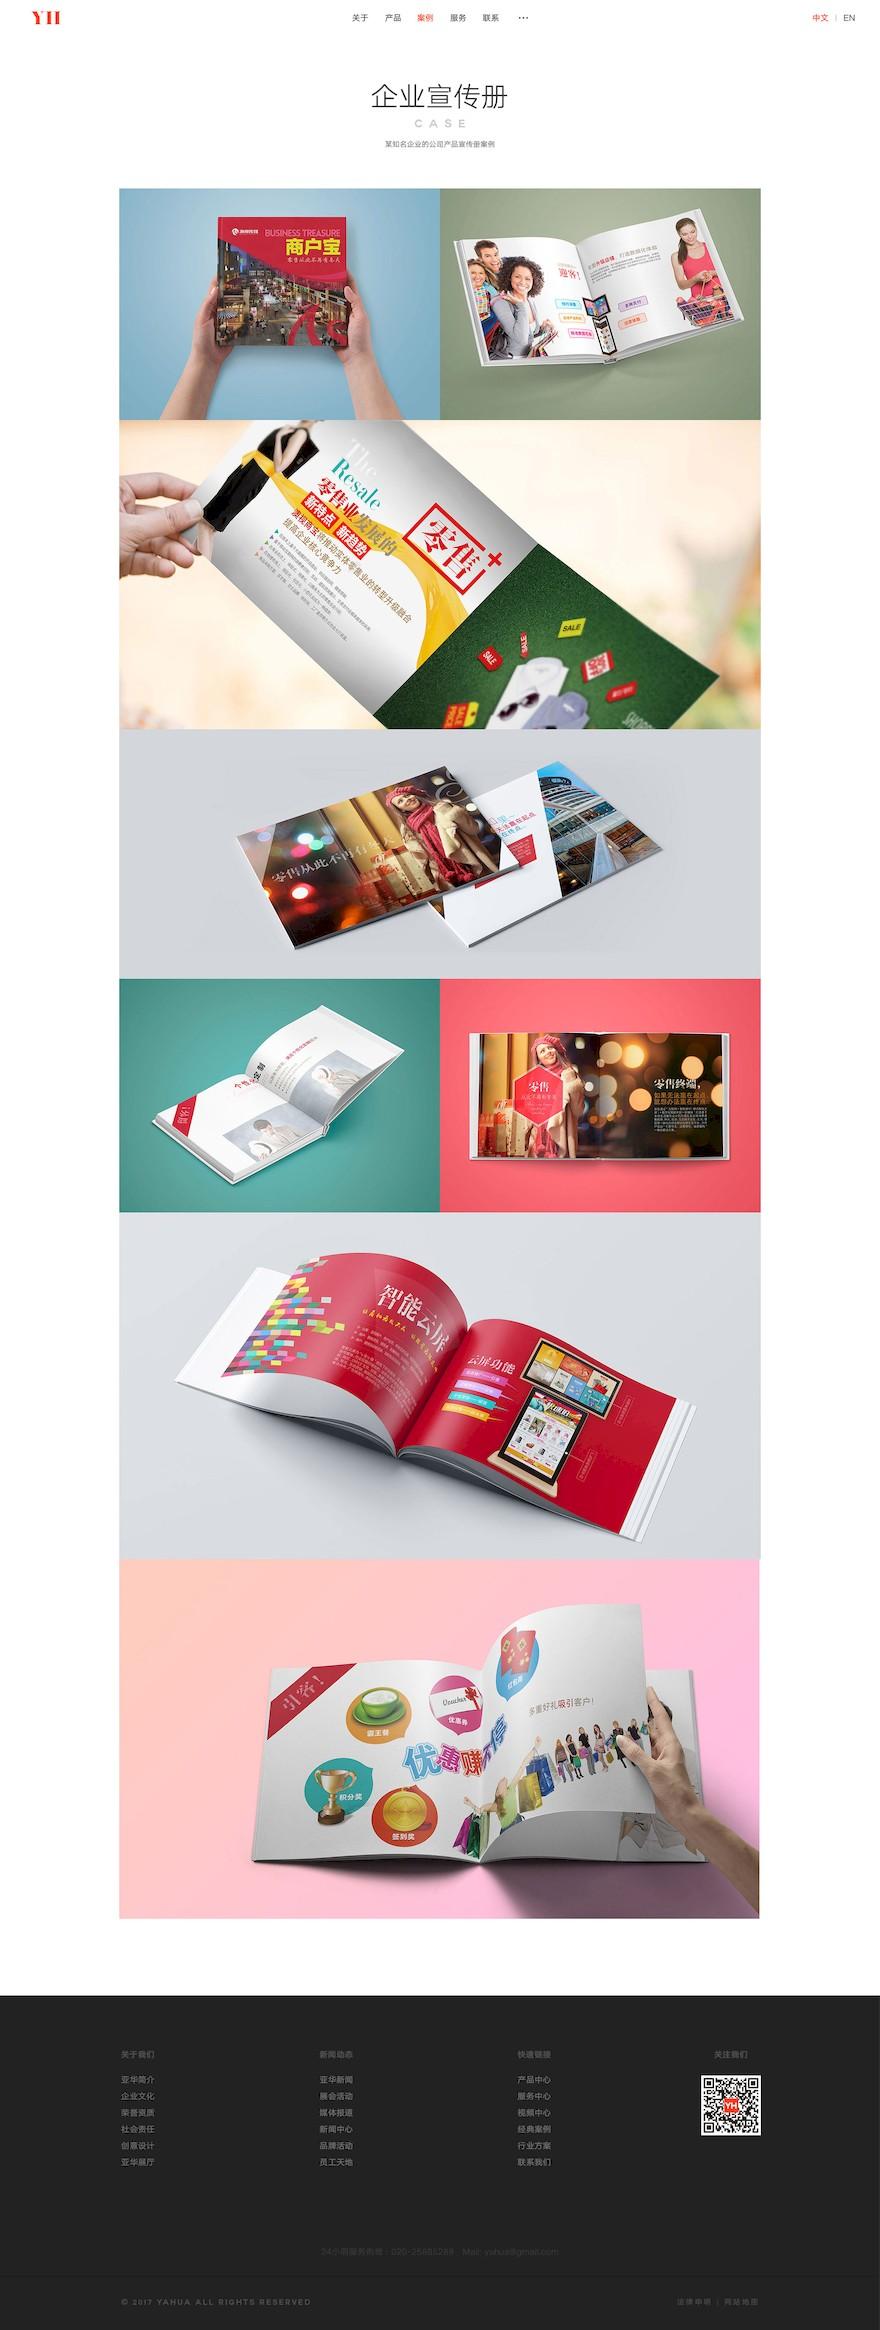 实用的中文印刷类企业网站psd和html模板[Photoshop/HTML/2.32GB]百度网盘下载插图(3)